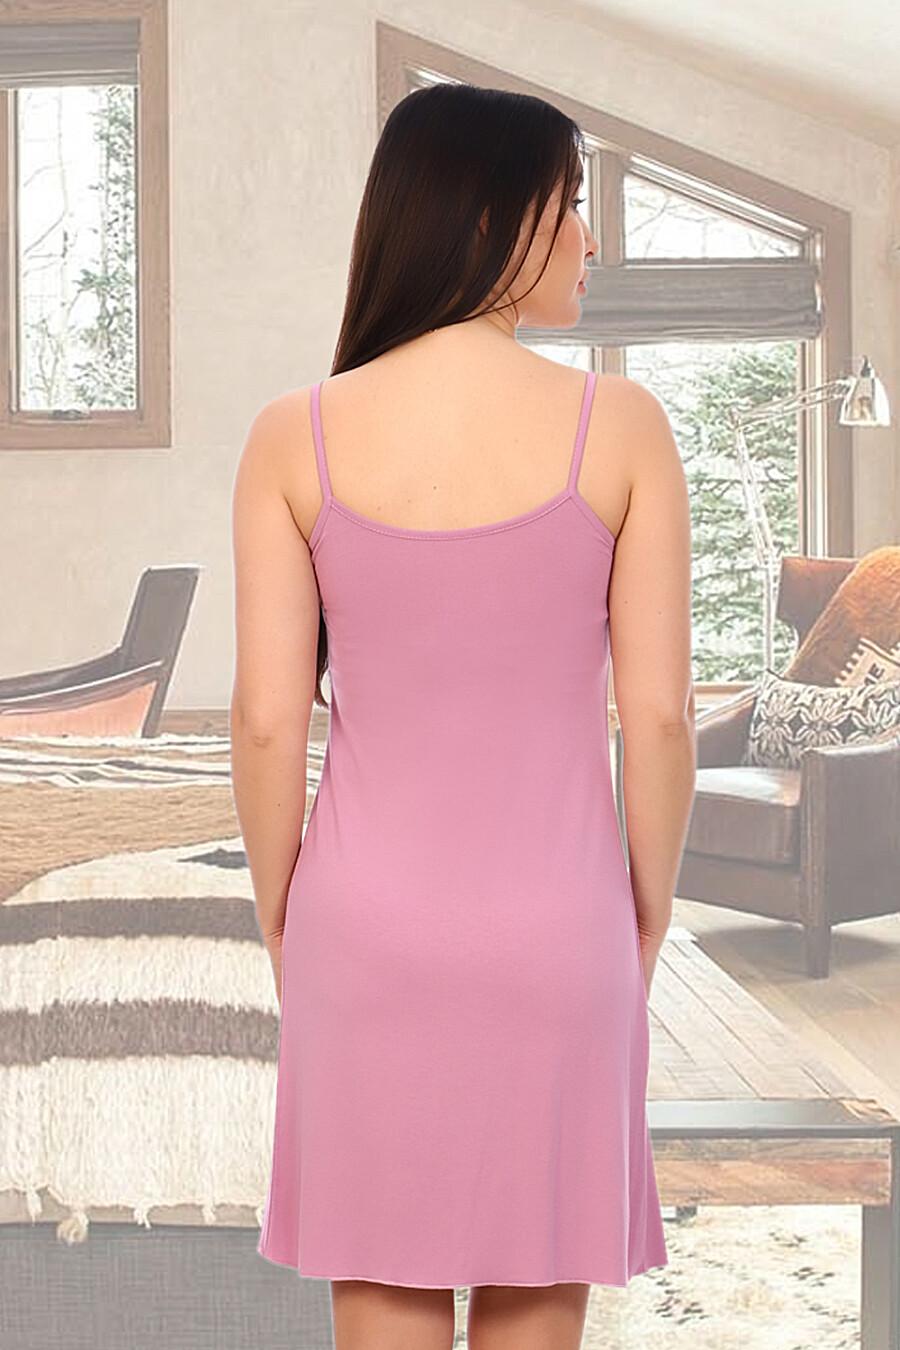 Сорочка 6825 для женщин НАТАЛИ 289345 купить оптом от производителя. Совместная покупка женской одежды в OptMoyo